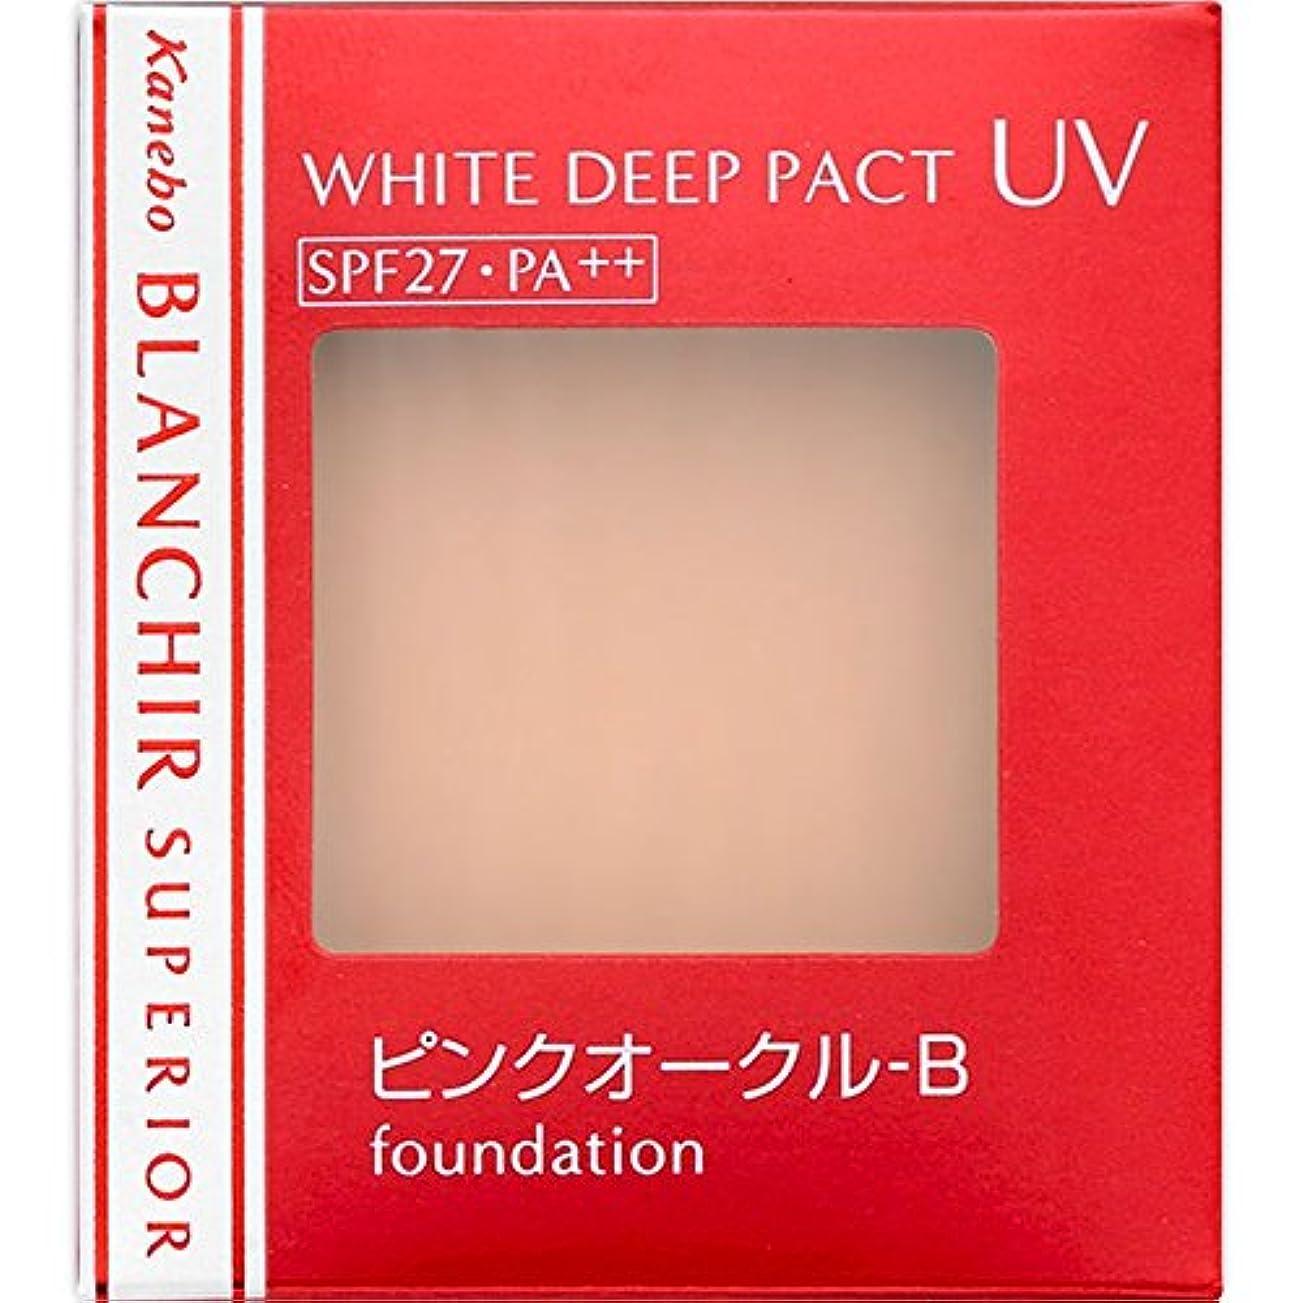 ジャニス安全性ポケットカネボウ ブランシール スペリア ホワイトディープ パクトUV 詰め替え用 SPF27 PA++ ピンクオークル-B